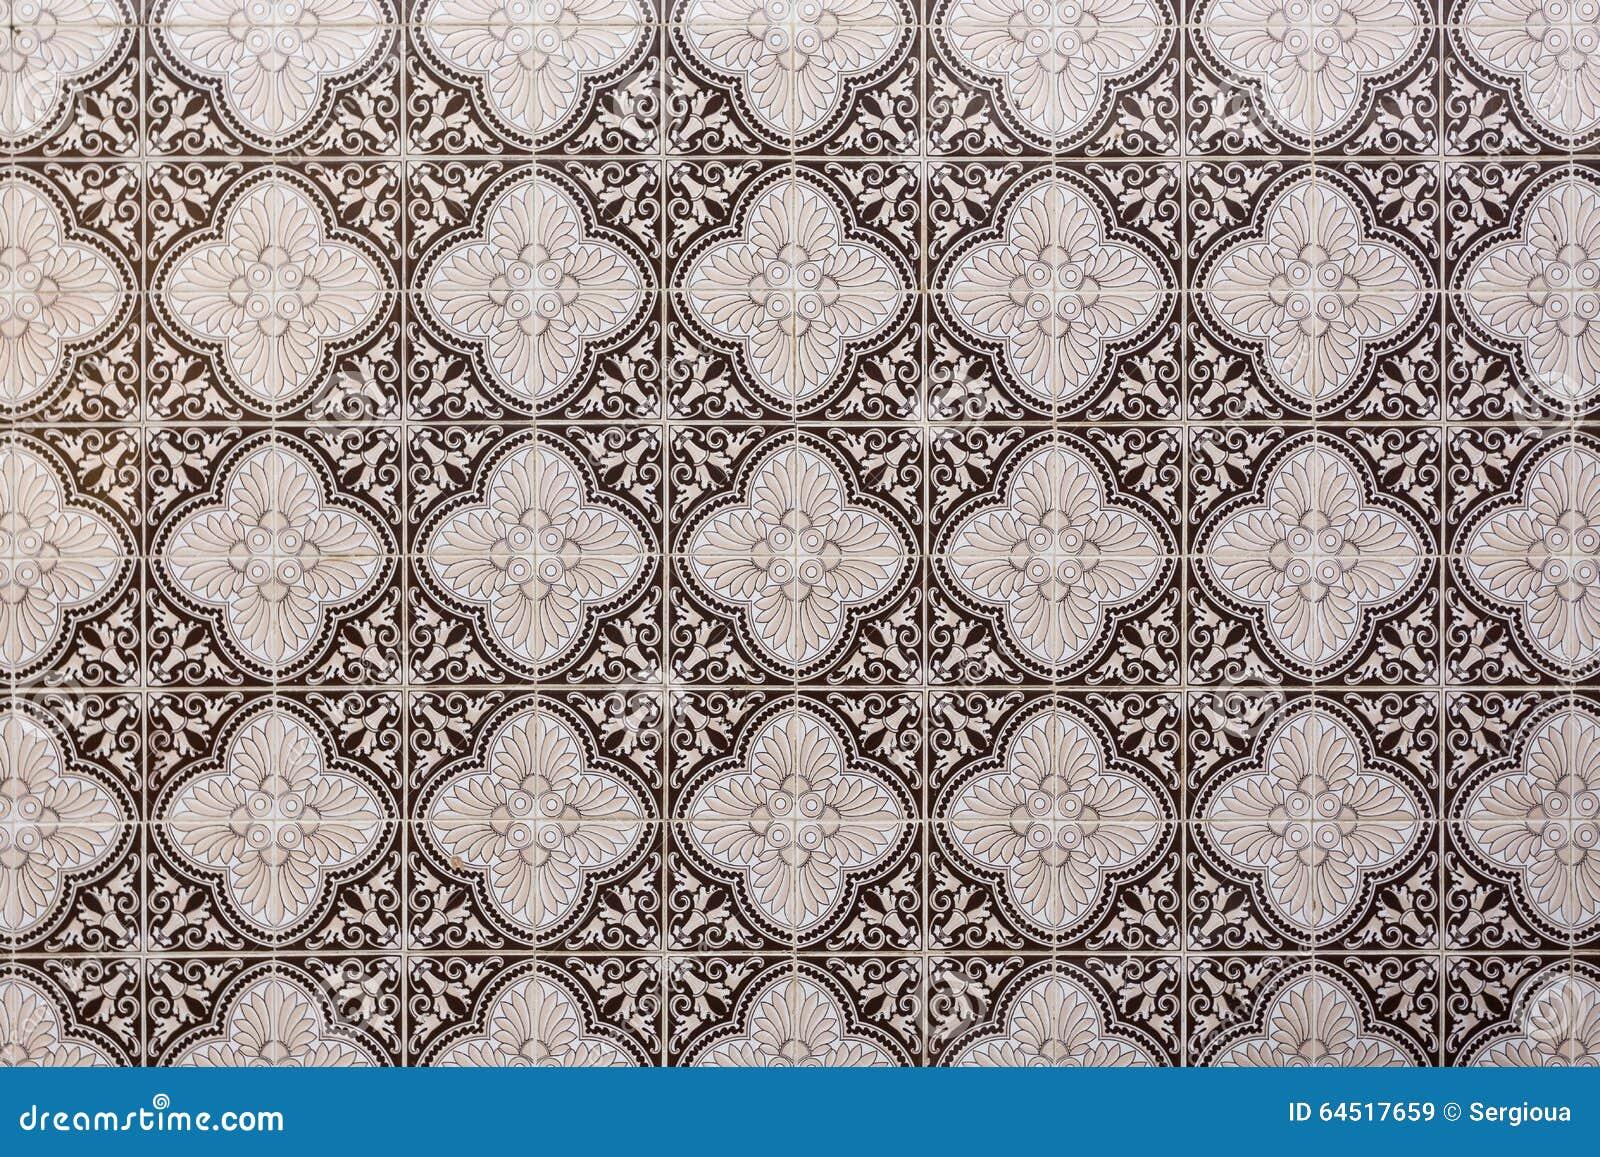 Mattonelle portoghesi decorative tradizionali marroni immagine